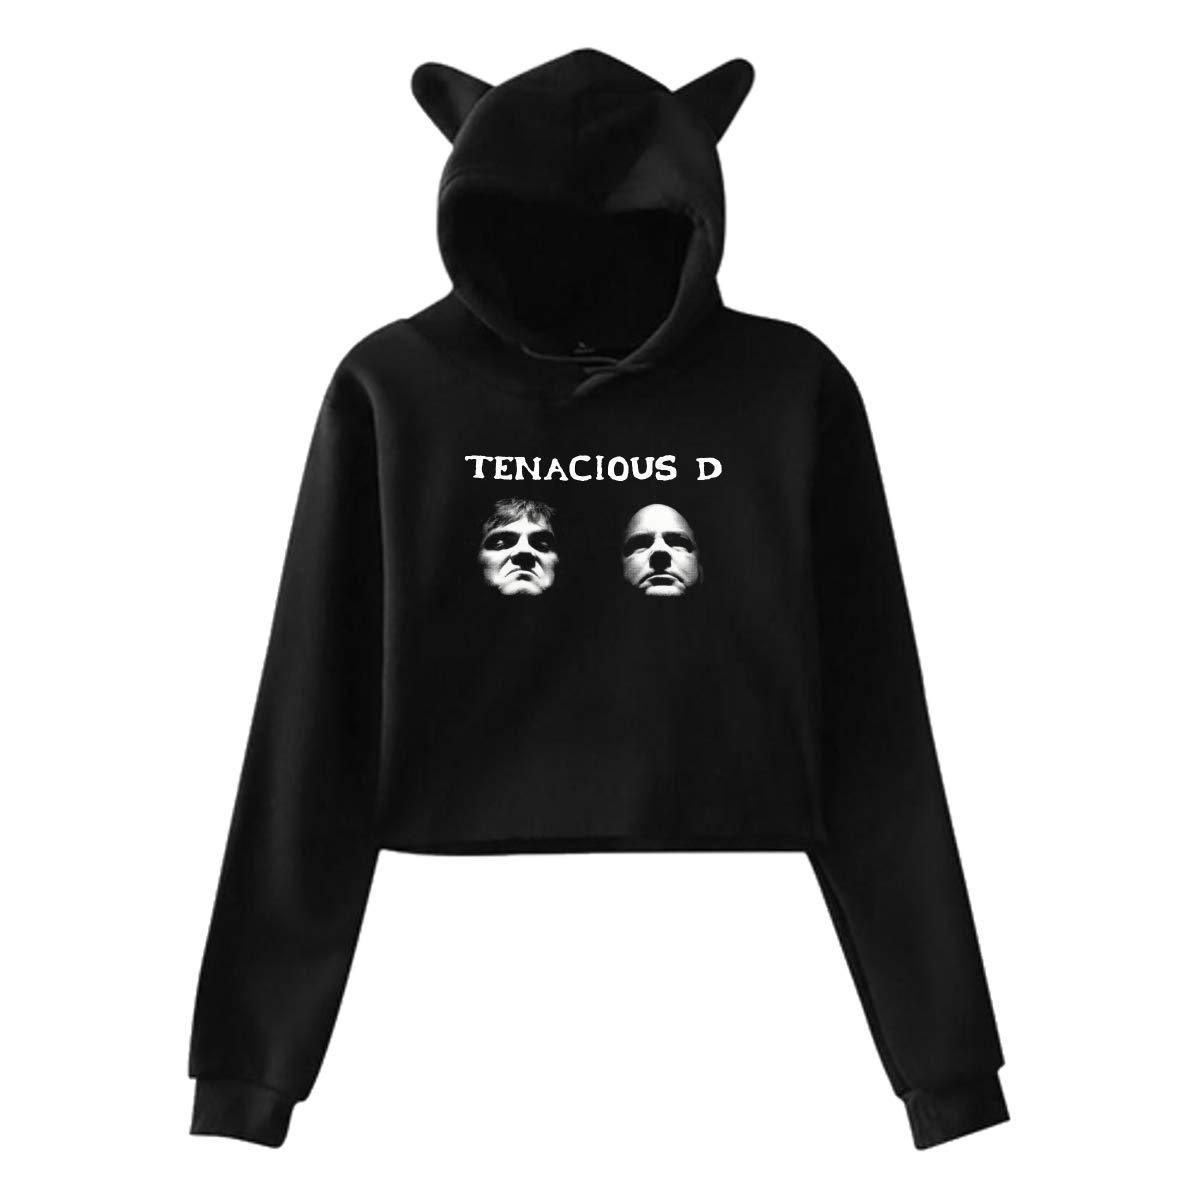 Womans Tenacious D Long Sleeves Cat Ear Hoodie Sweater Black Gift